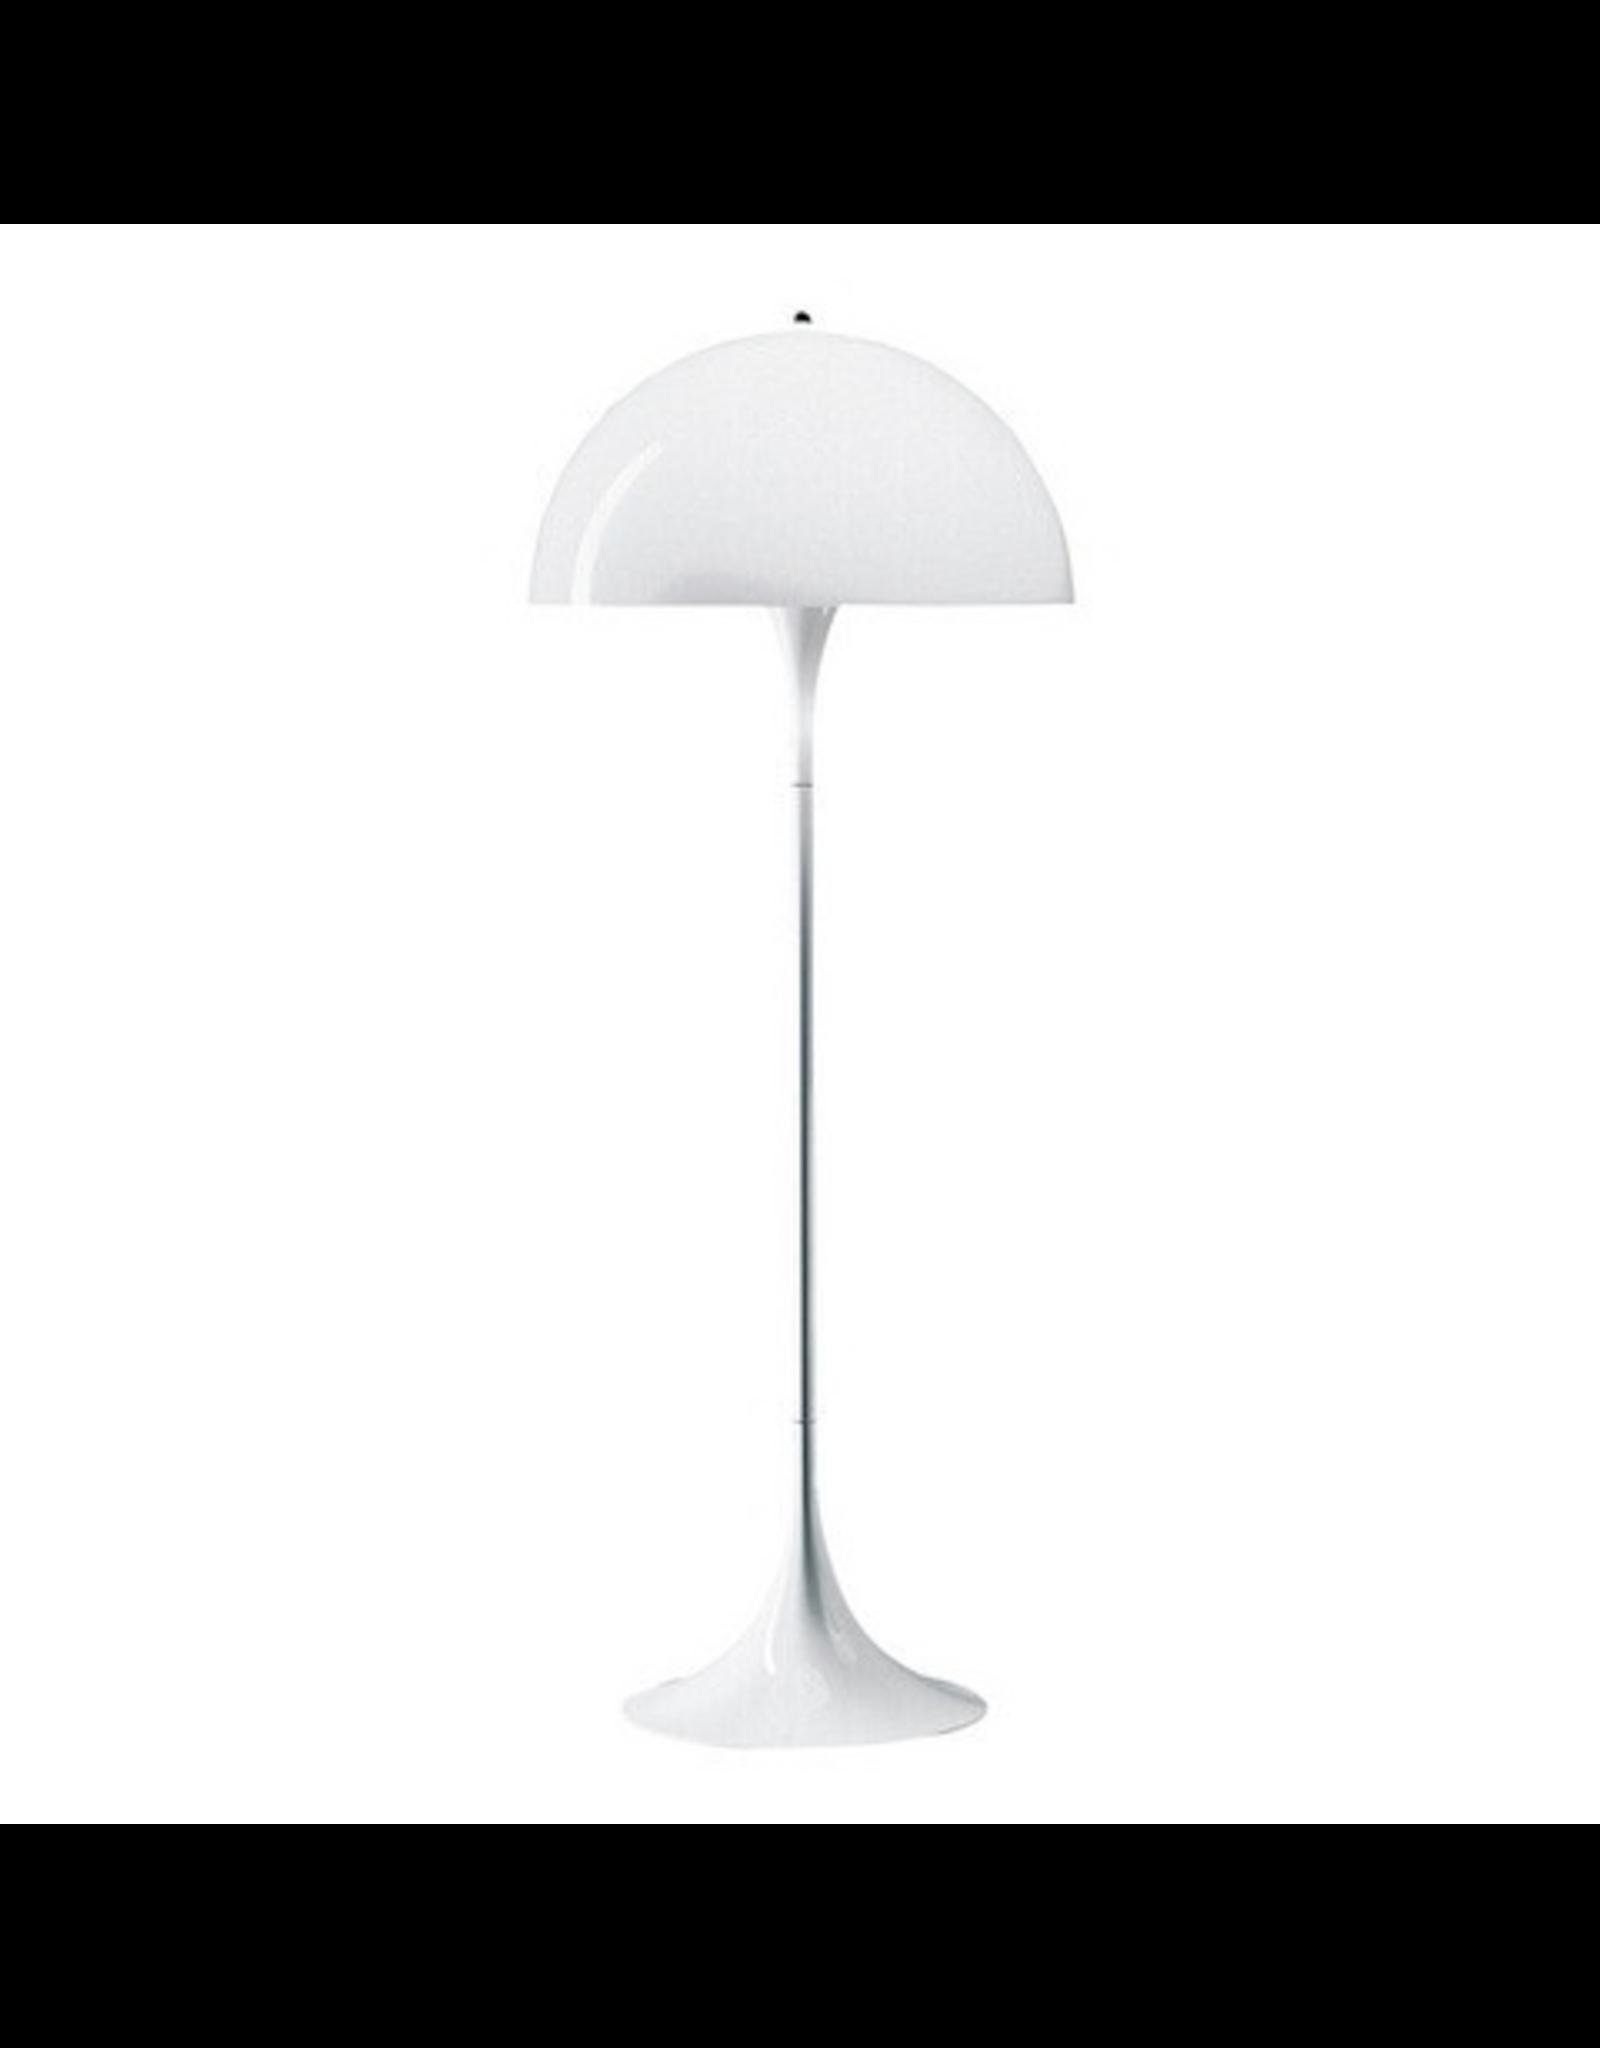 LOUIS POULSEN PANTHELLA FLOOR LAMP